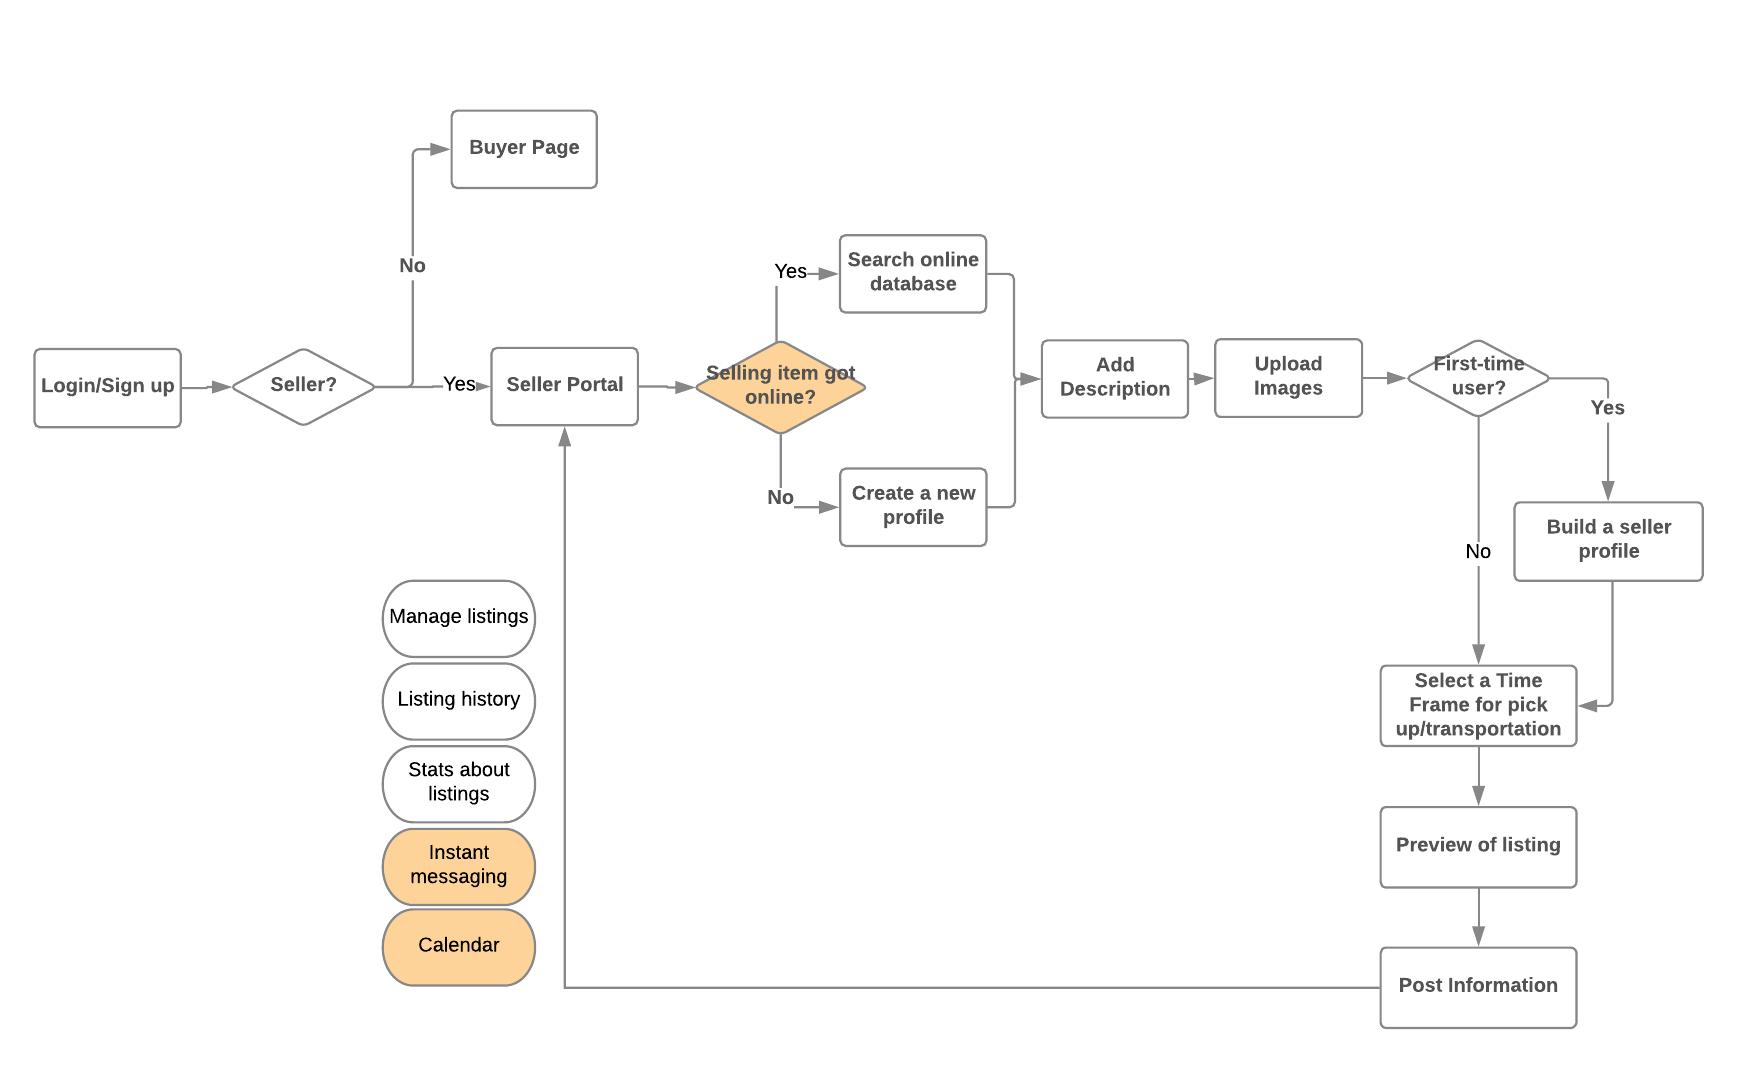 Sellers' workflow